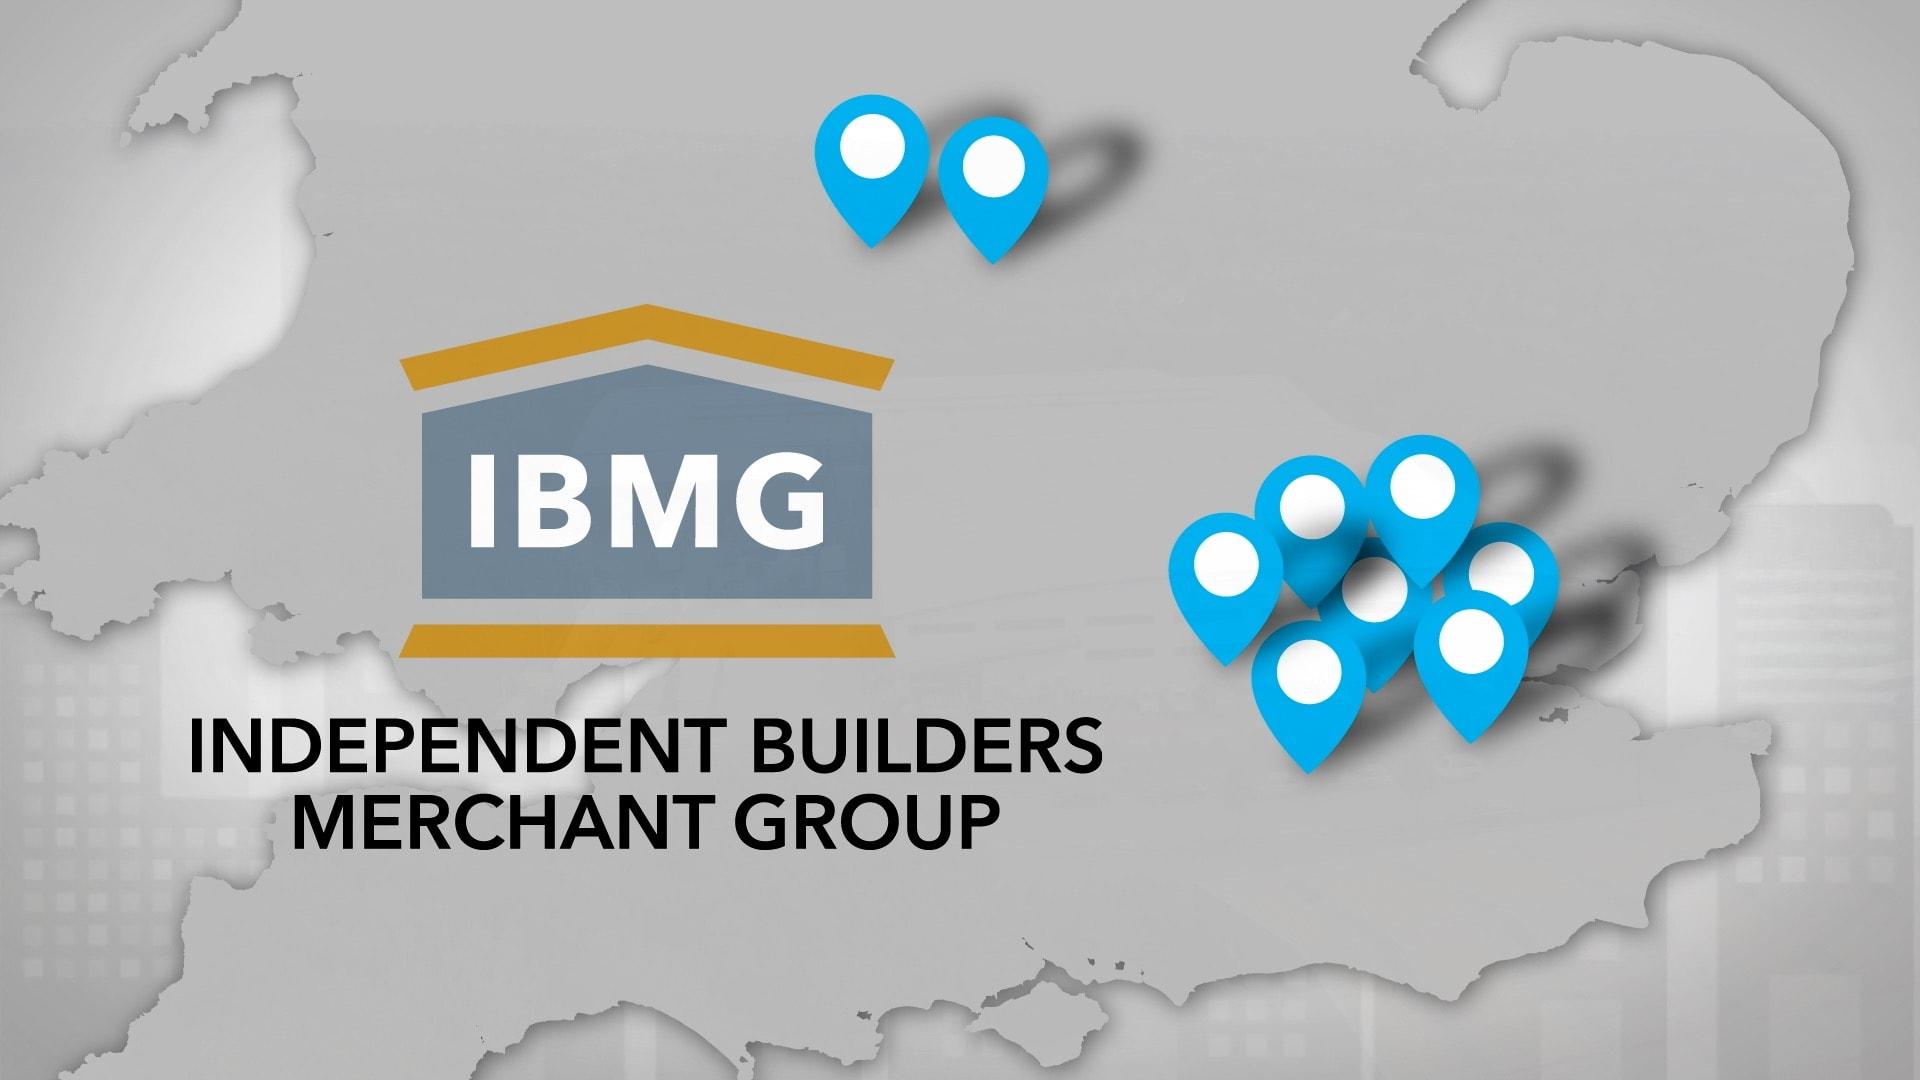 IBMG Corporate video